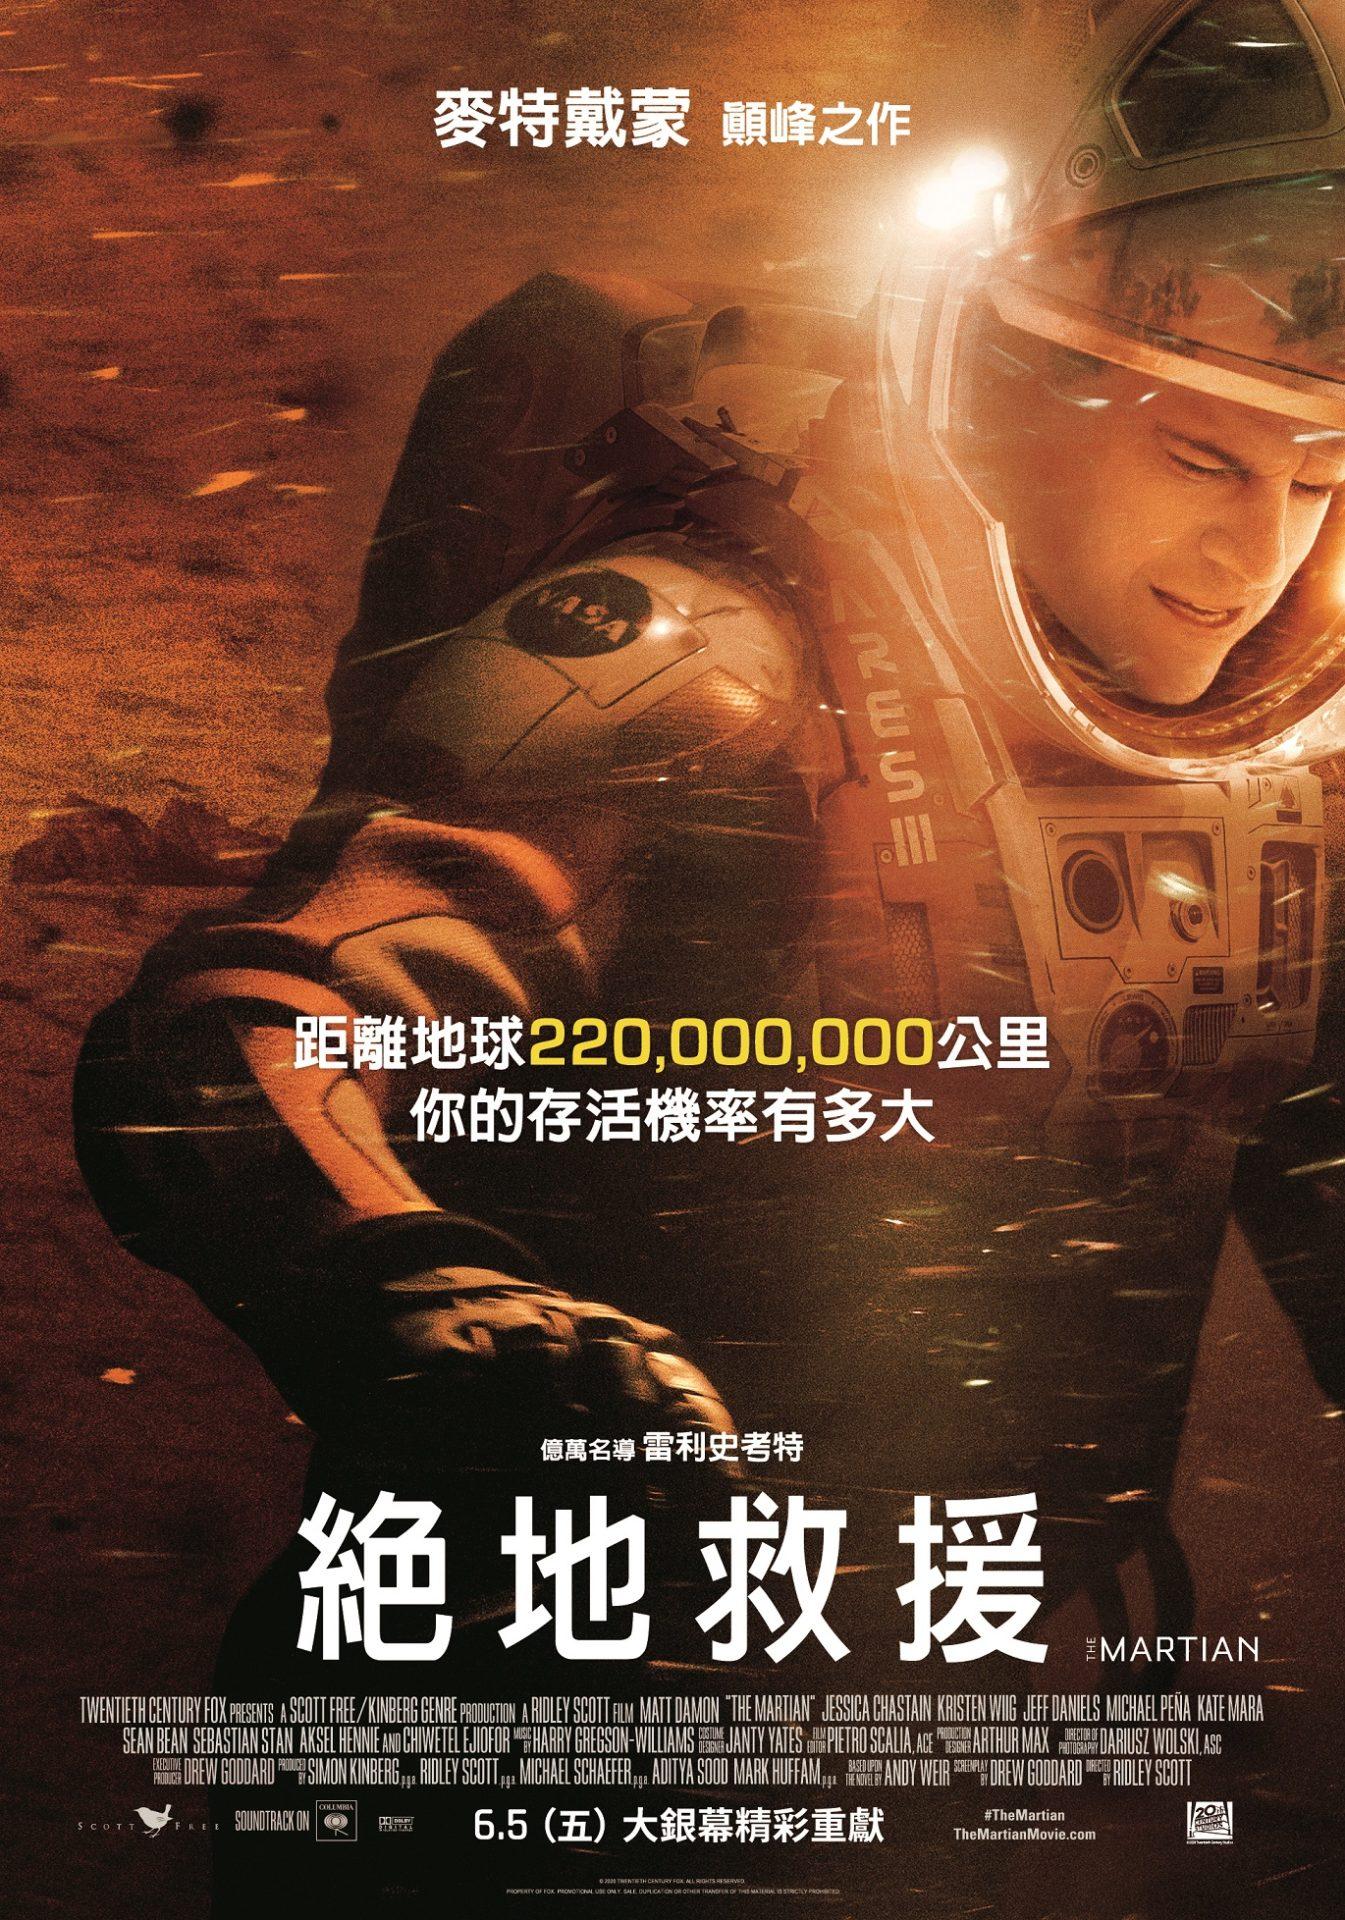 《少年Pi》、《絕地救援》重返大銀幕 李安期盼影院復甦打頭陣跨海傳訊「對我深具意義」!